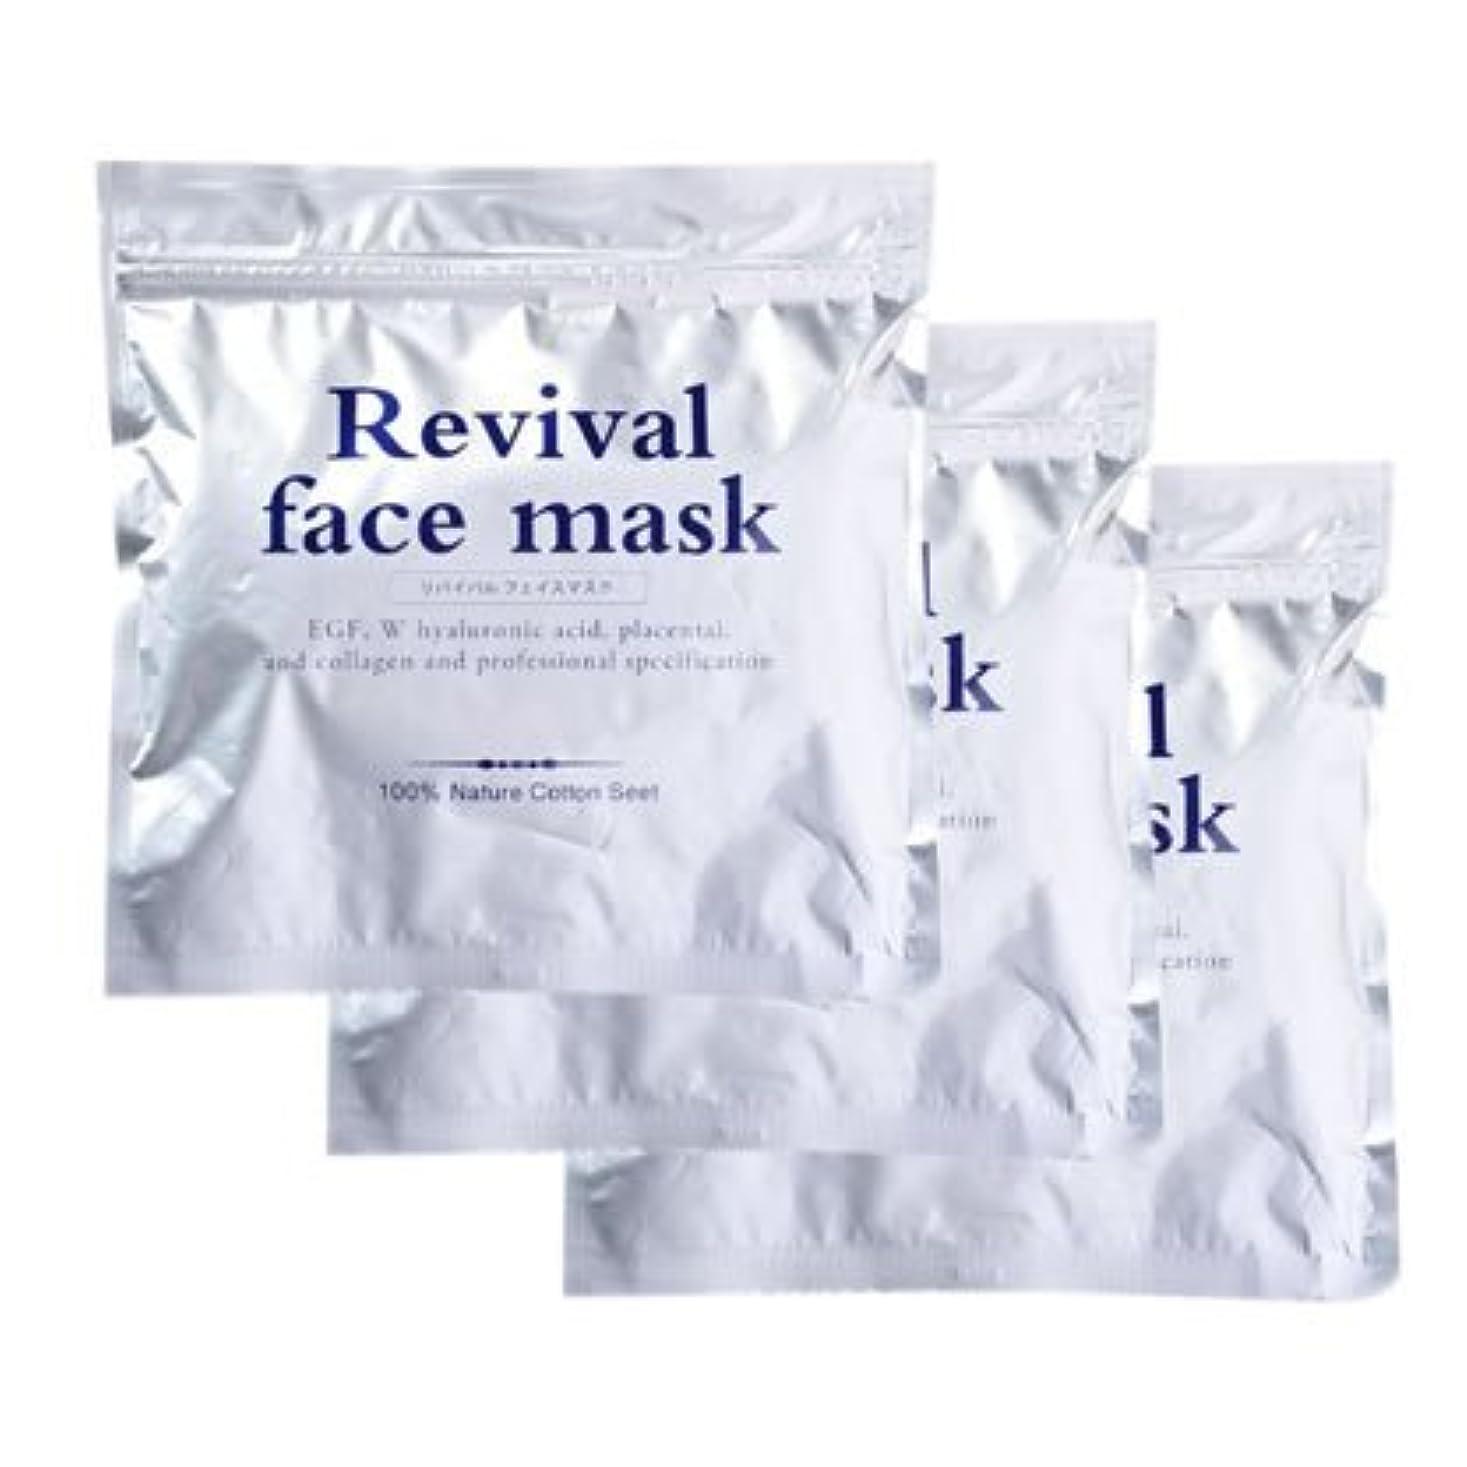 モード土曜日レンダリングリバイバルフェイスマスク 90枚セット(30枚×3袋)